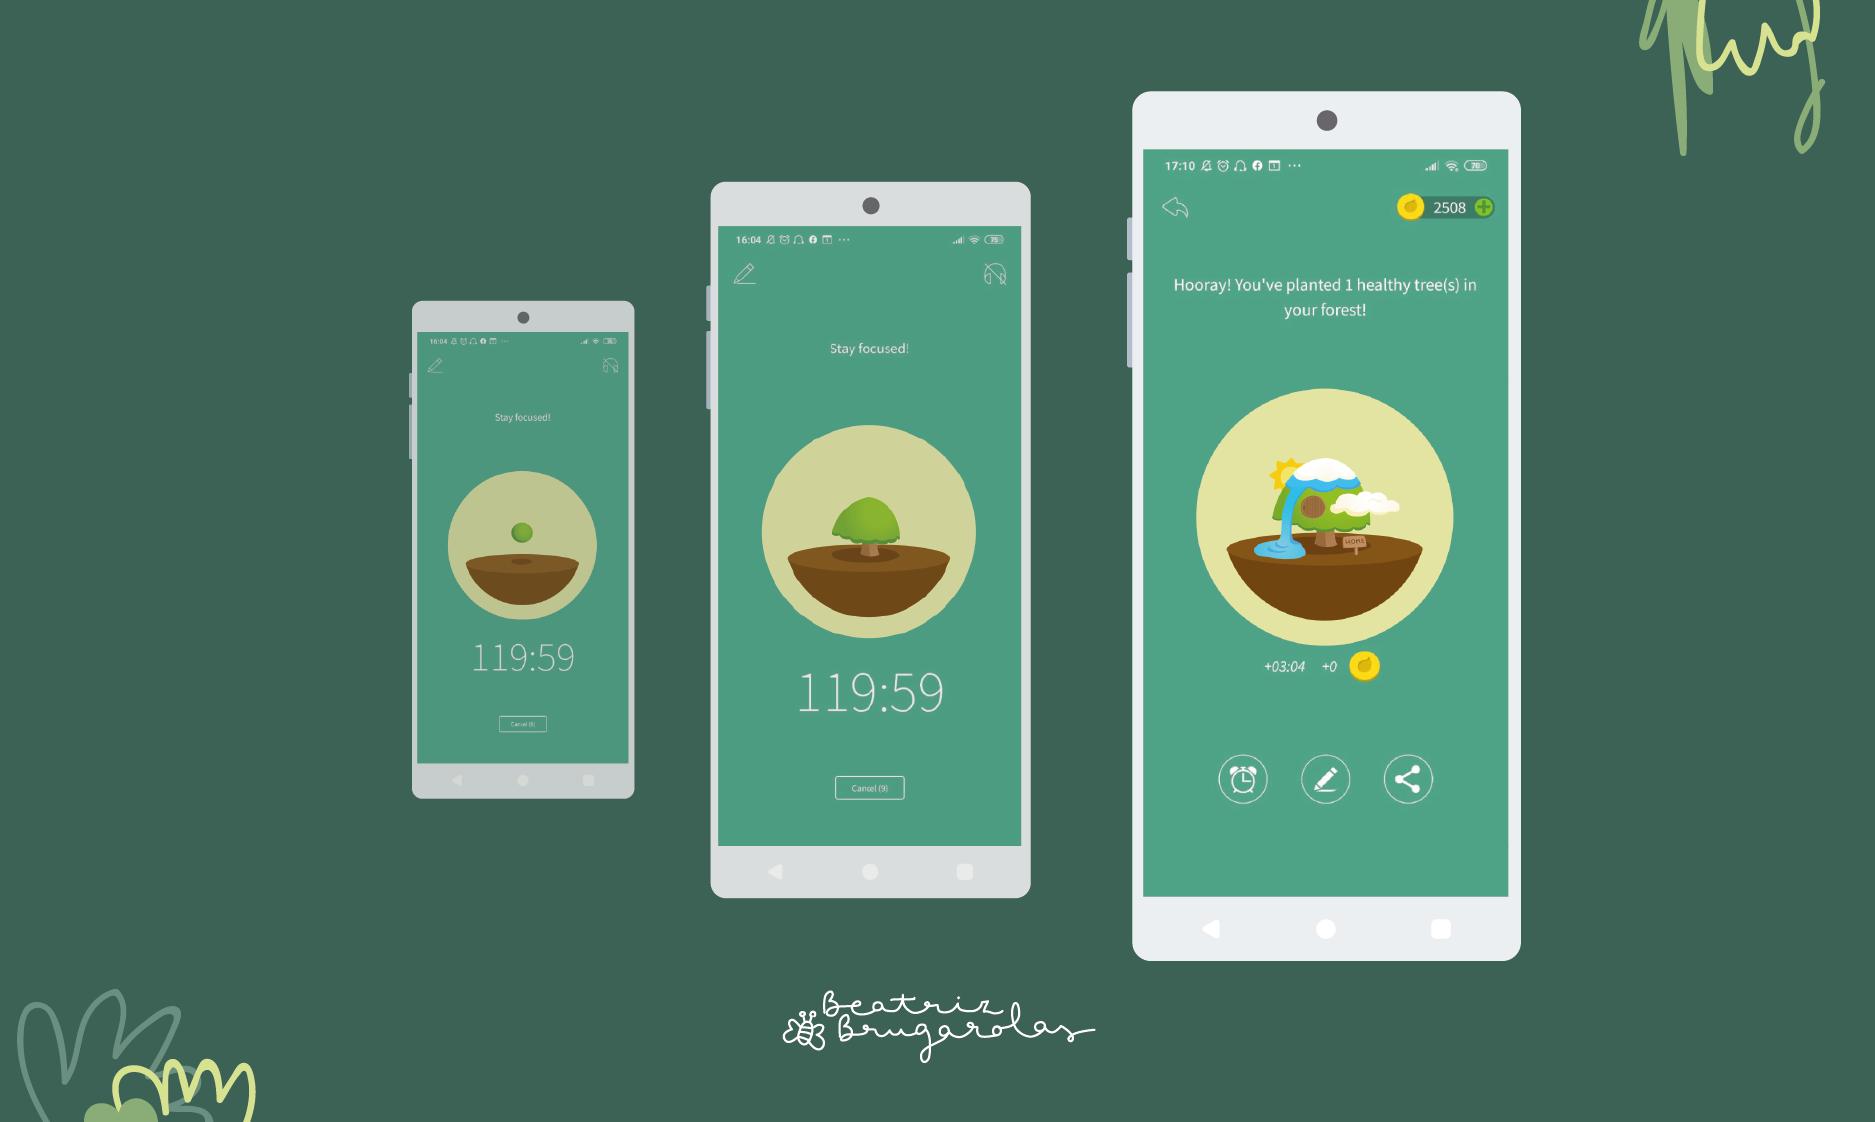 Aparecen tres pantallas de móvil mostrando la evolución del árbol desde que es una semilla y parece una bola de musgo hasta que desarrolla todos los atributos del diseño final.